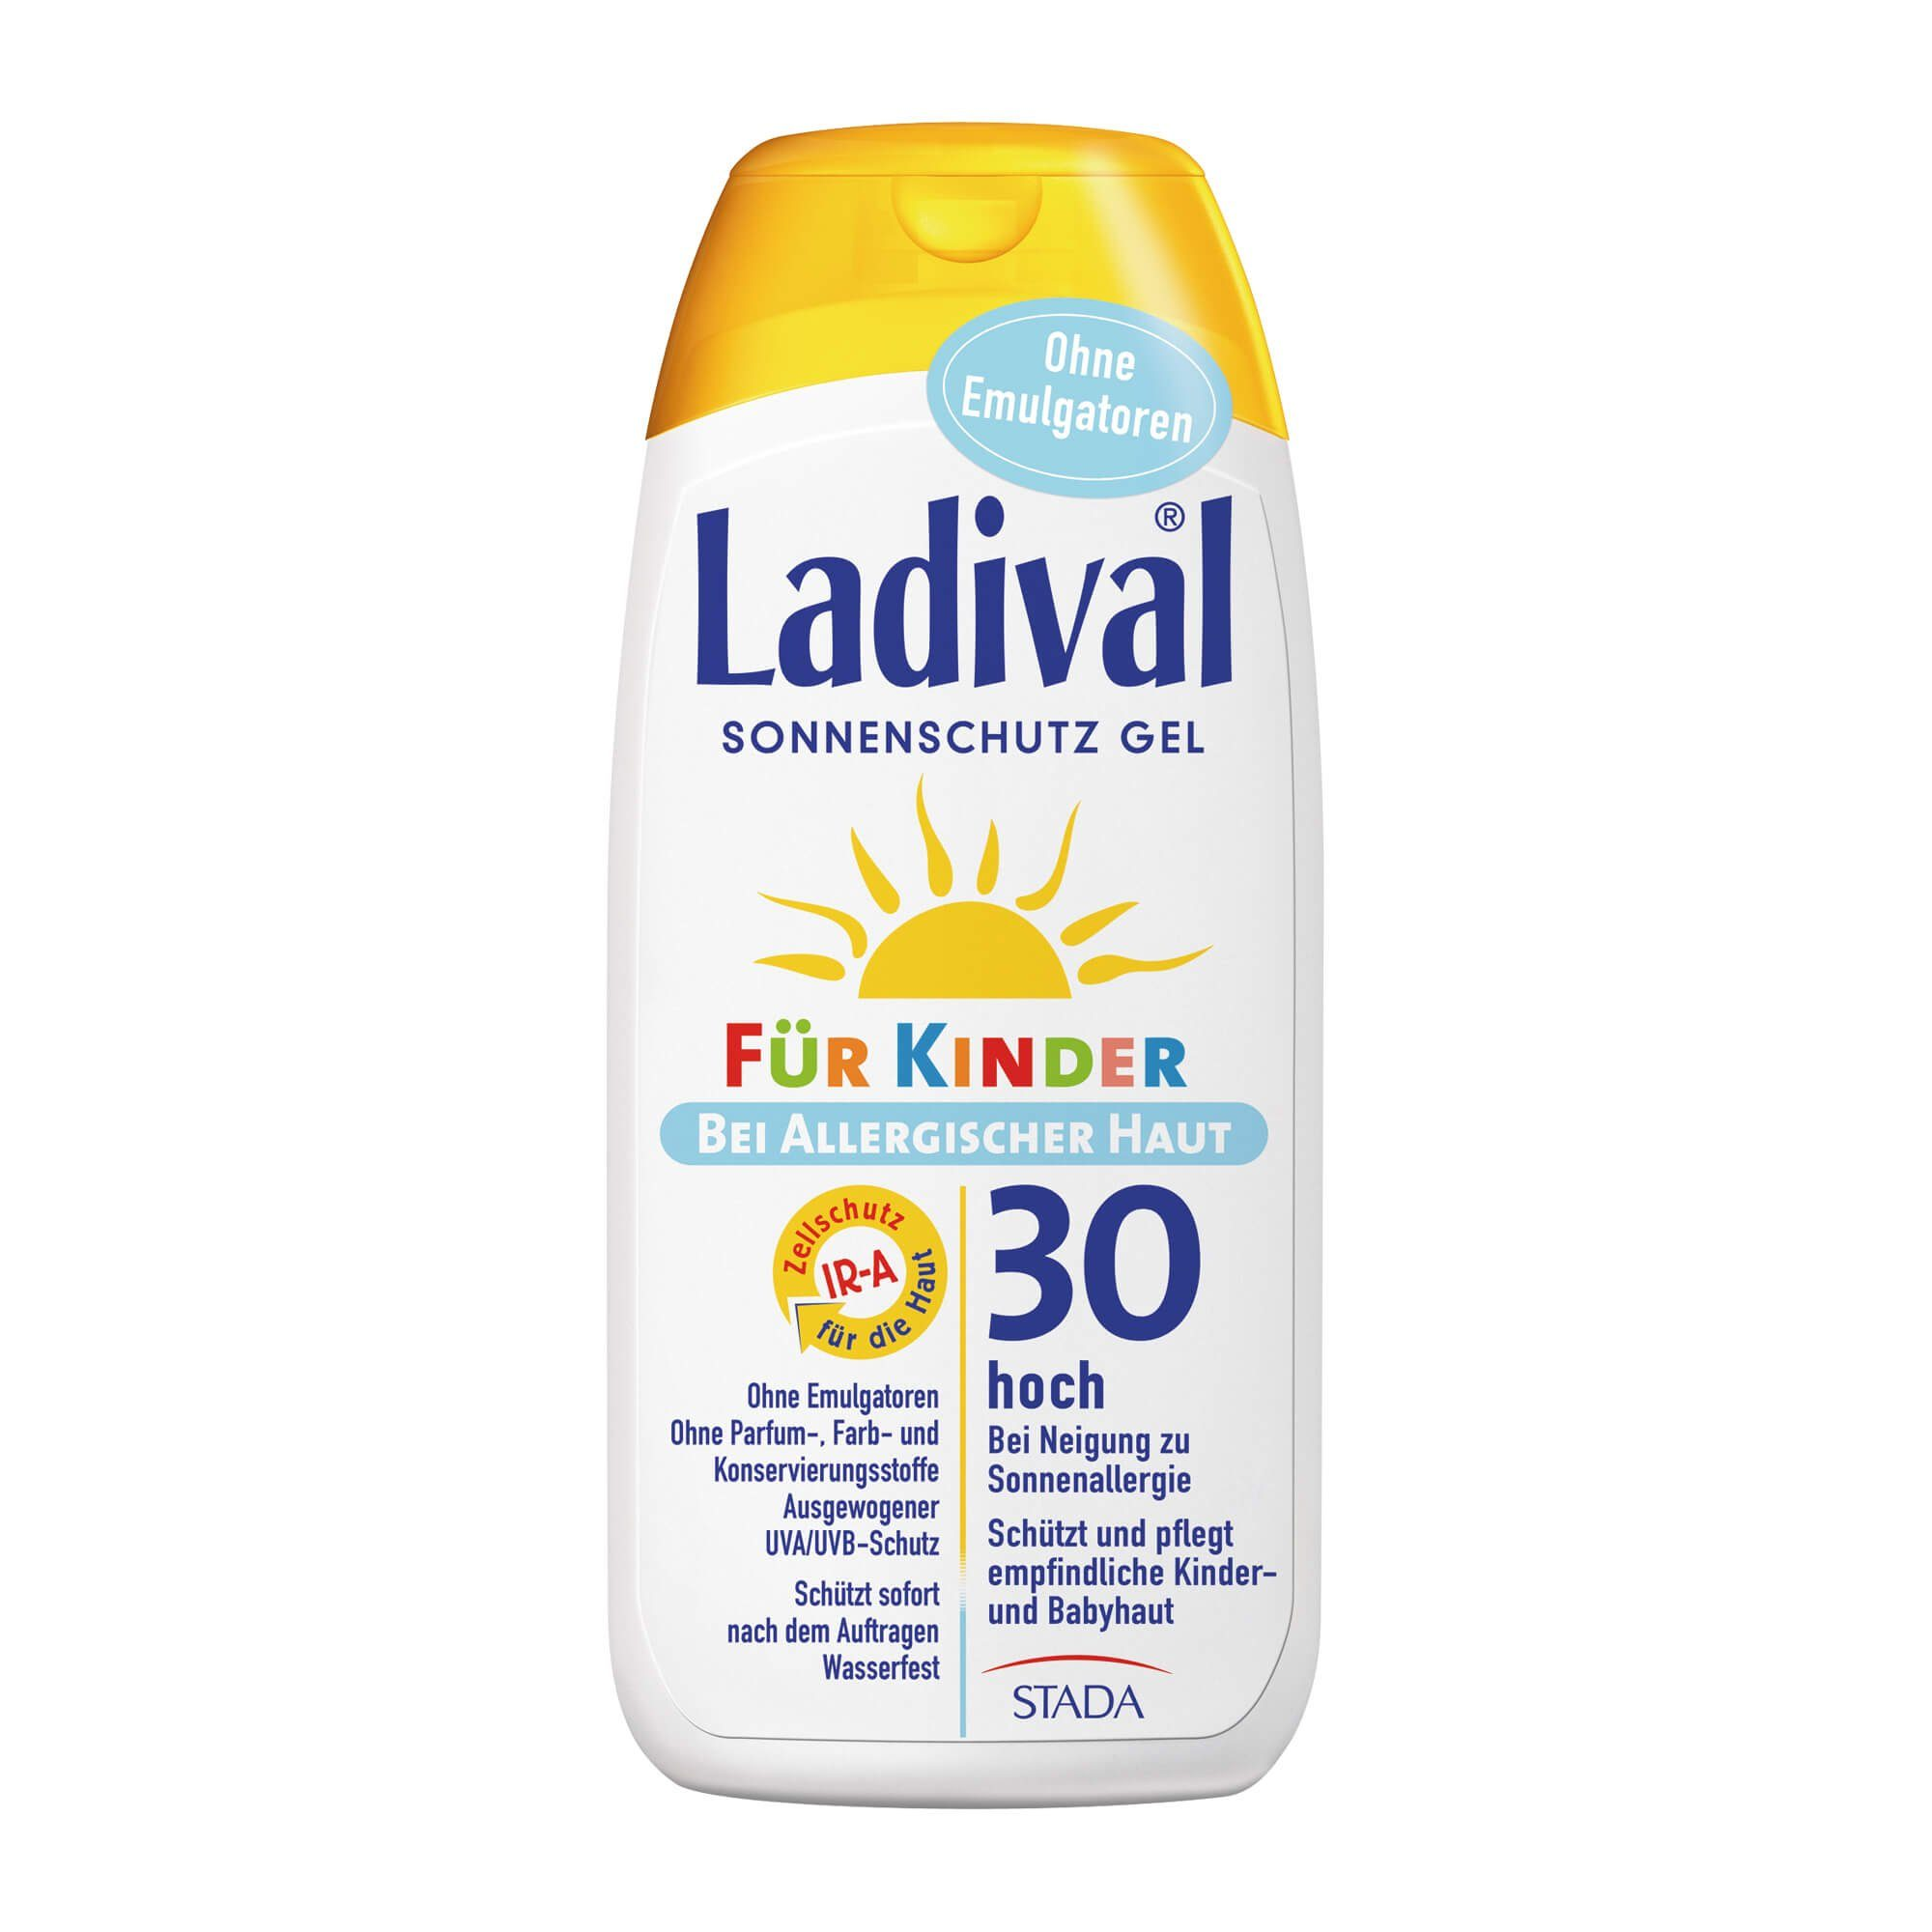 Ladival Ladival für Kinder Sonnenschutz allergische Haut Gel LSF 30 , 200 ml